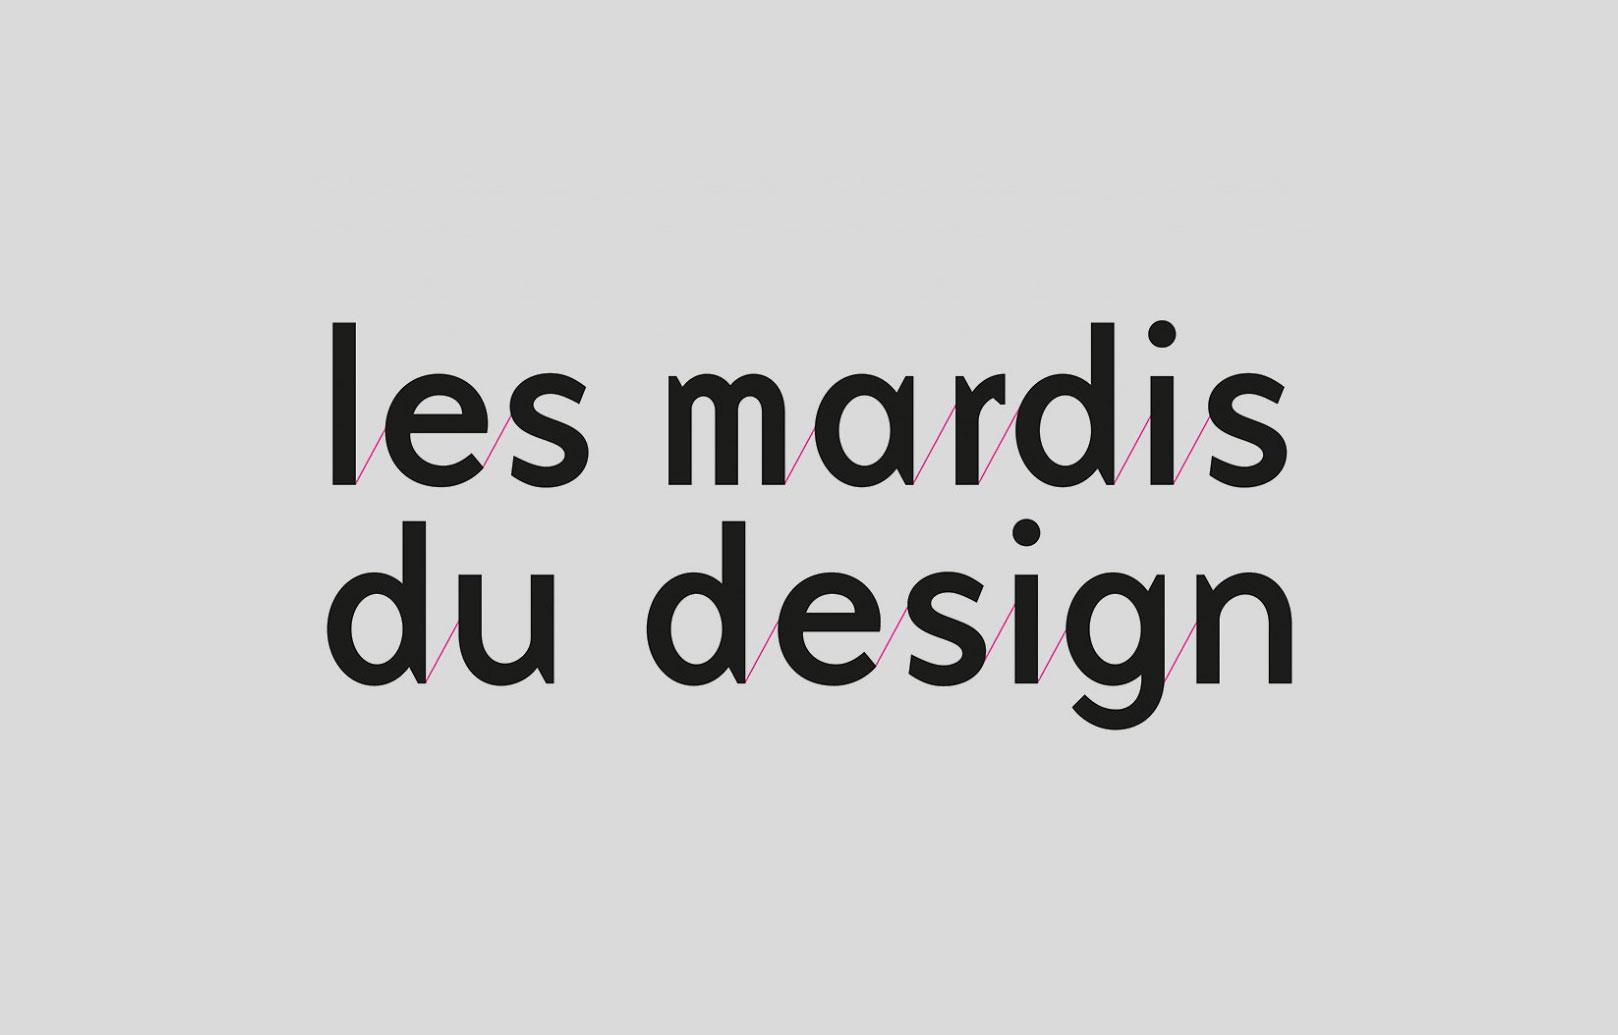 Les mardis du design